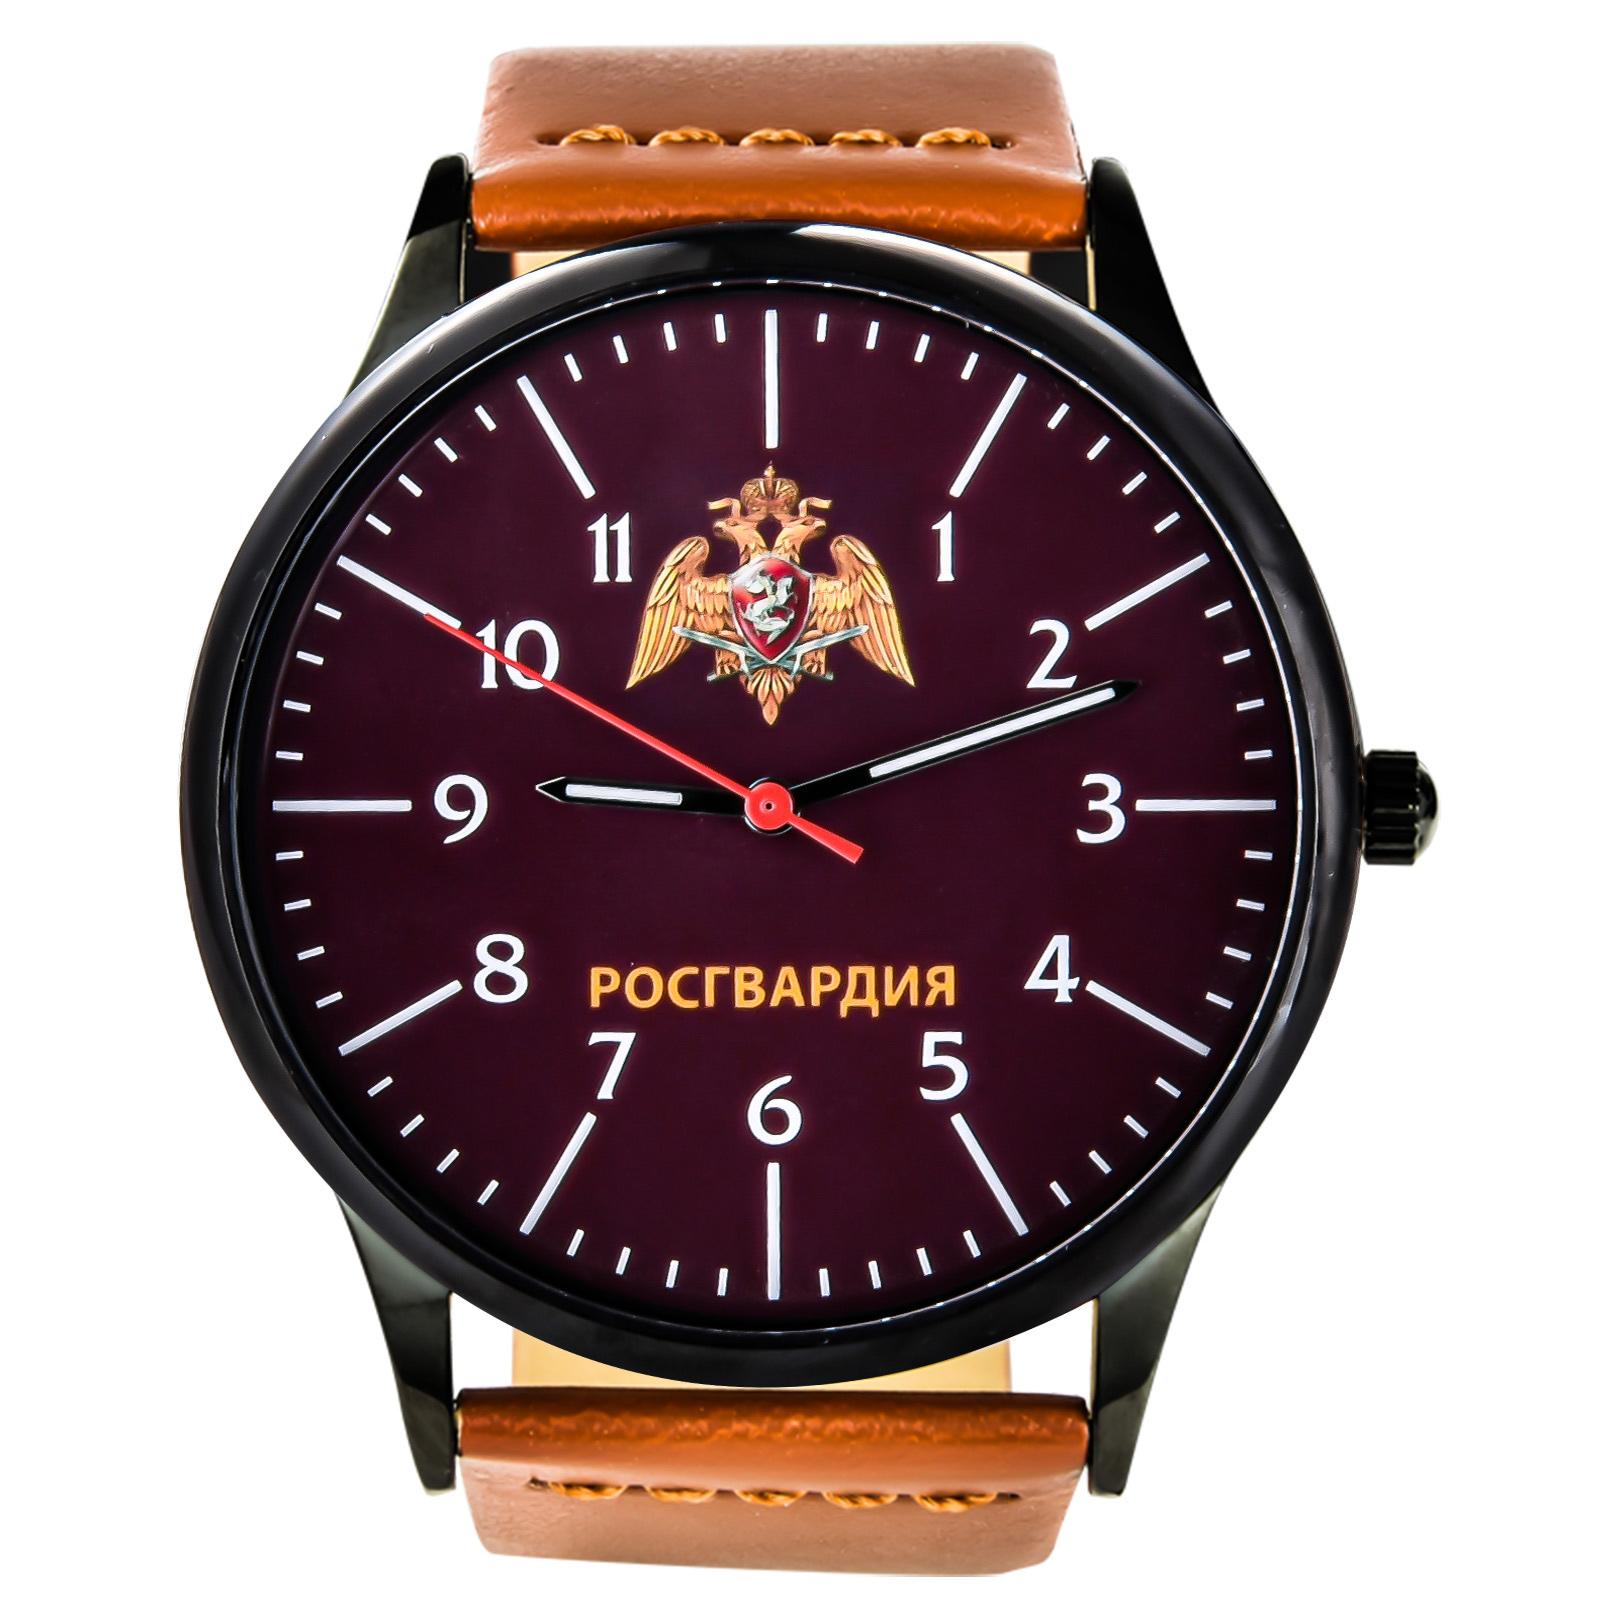 Командирские часы Росгвардия купить в Военпро